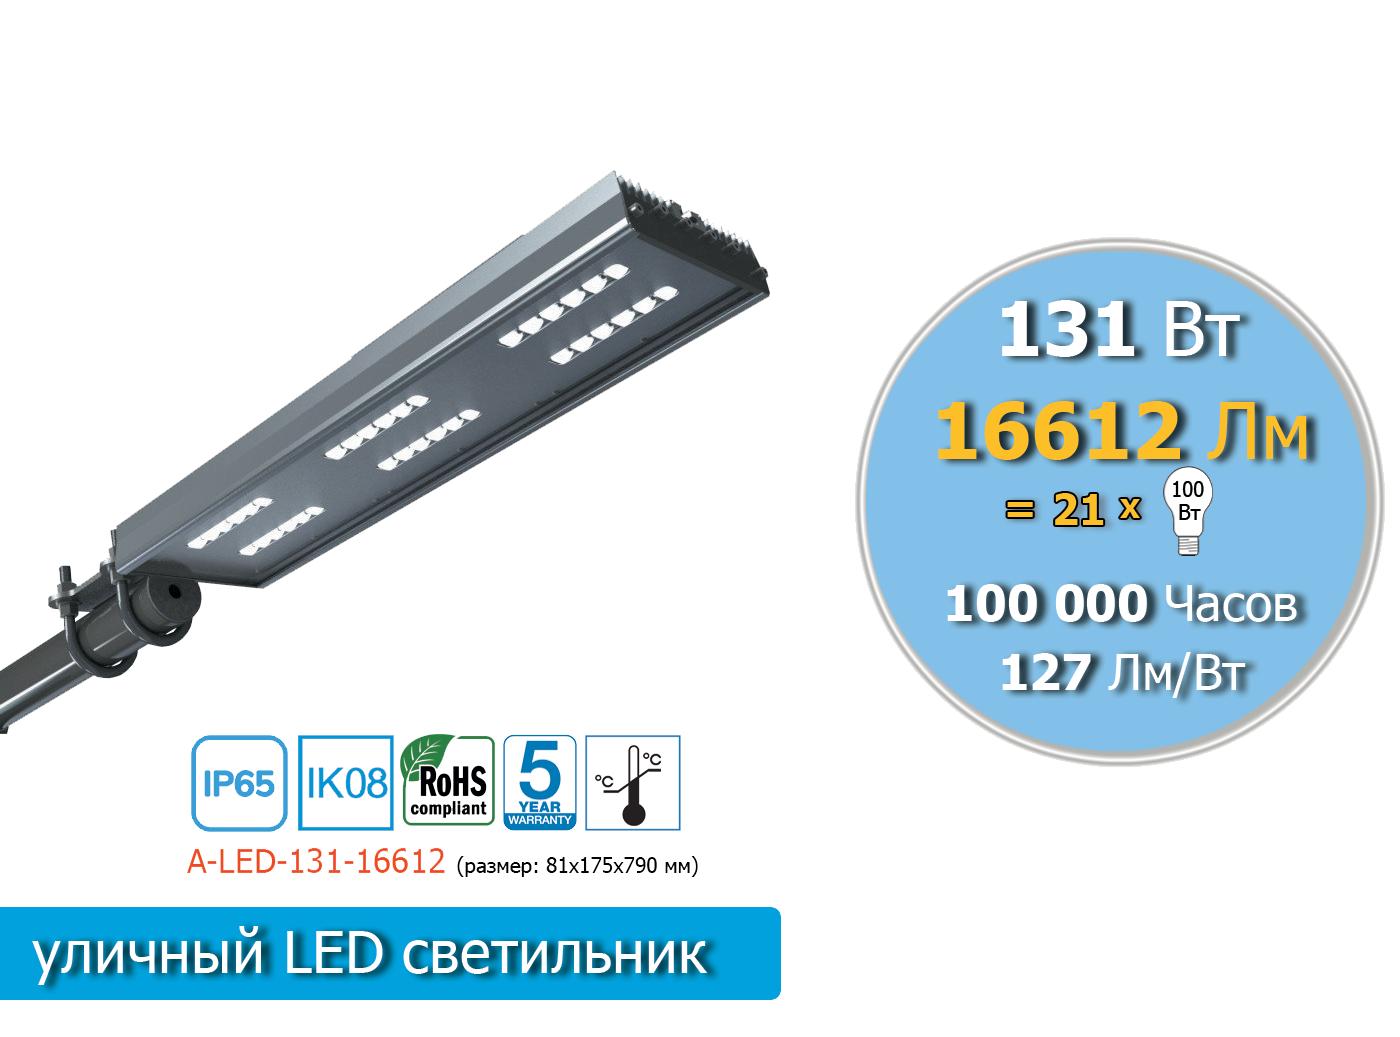 A-LED-131-16612-S